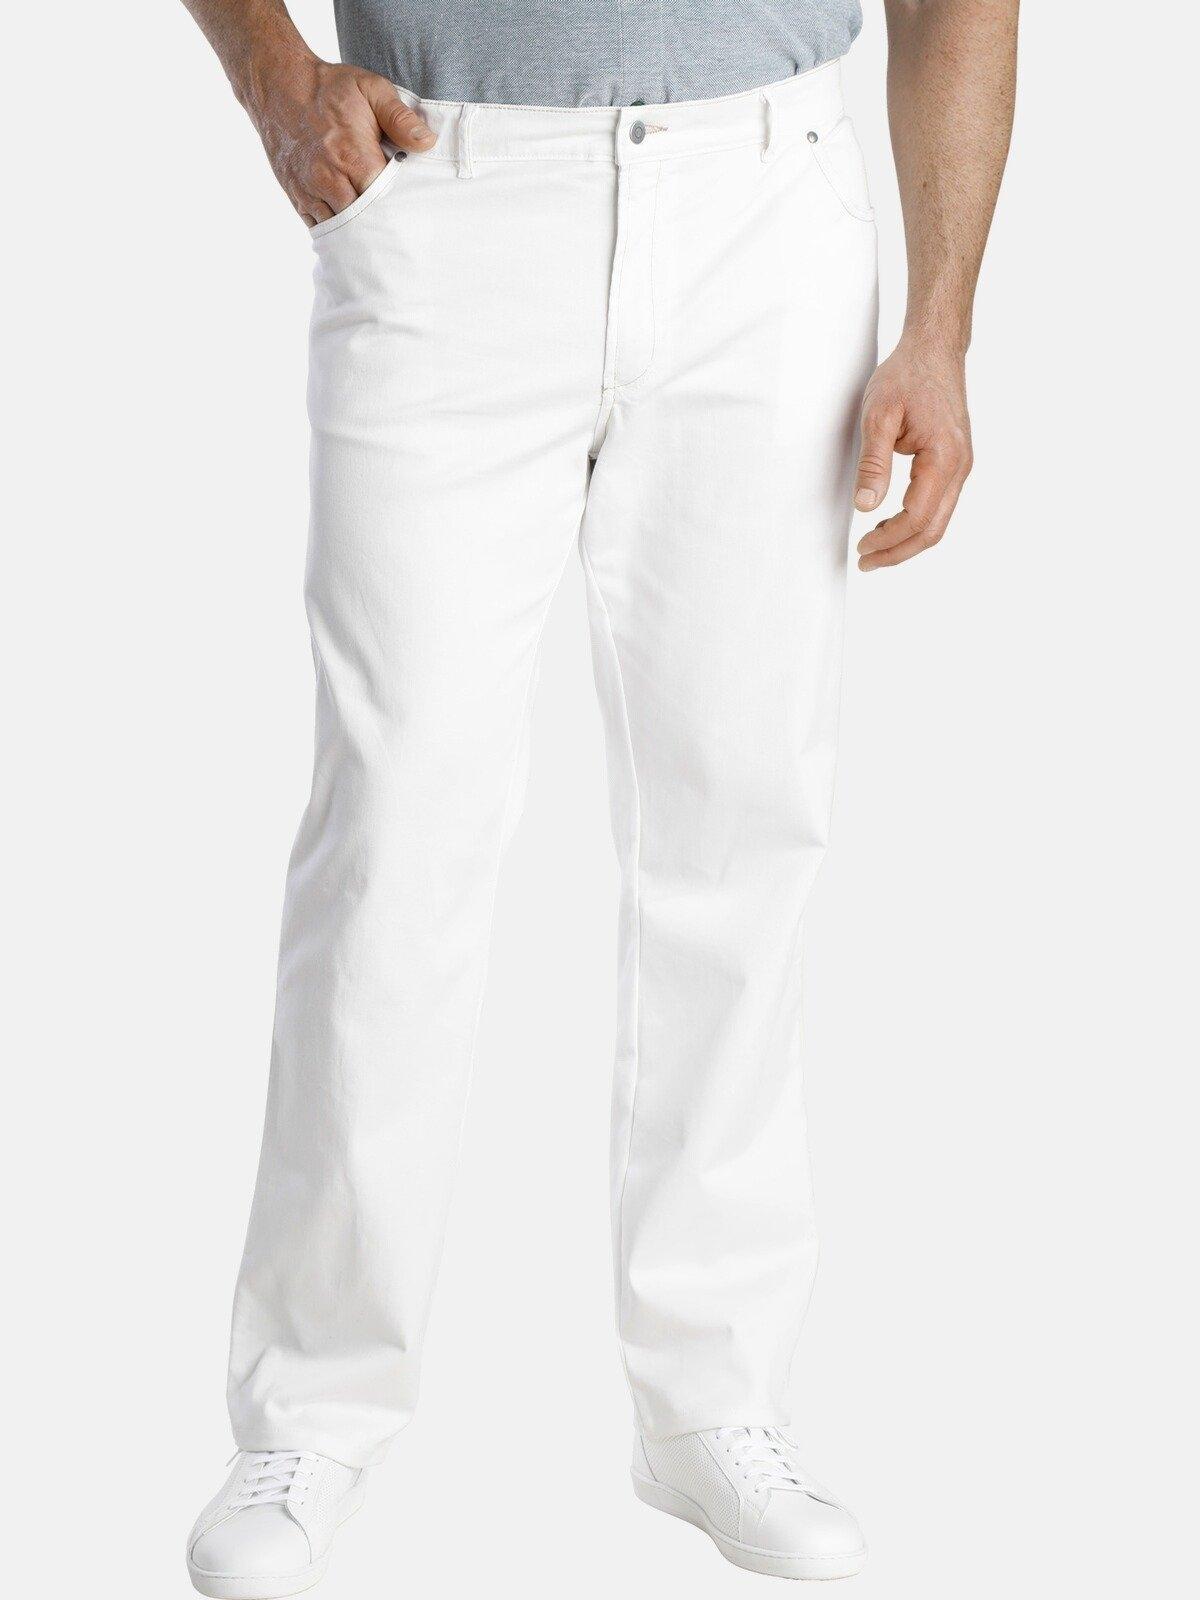 Charles Colby 5-pocket-spijkerbroeken »DUKE HOLDEN« goedkoop op otto.nl kopen